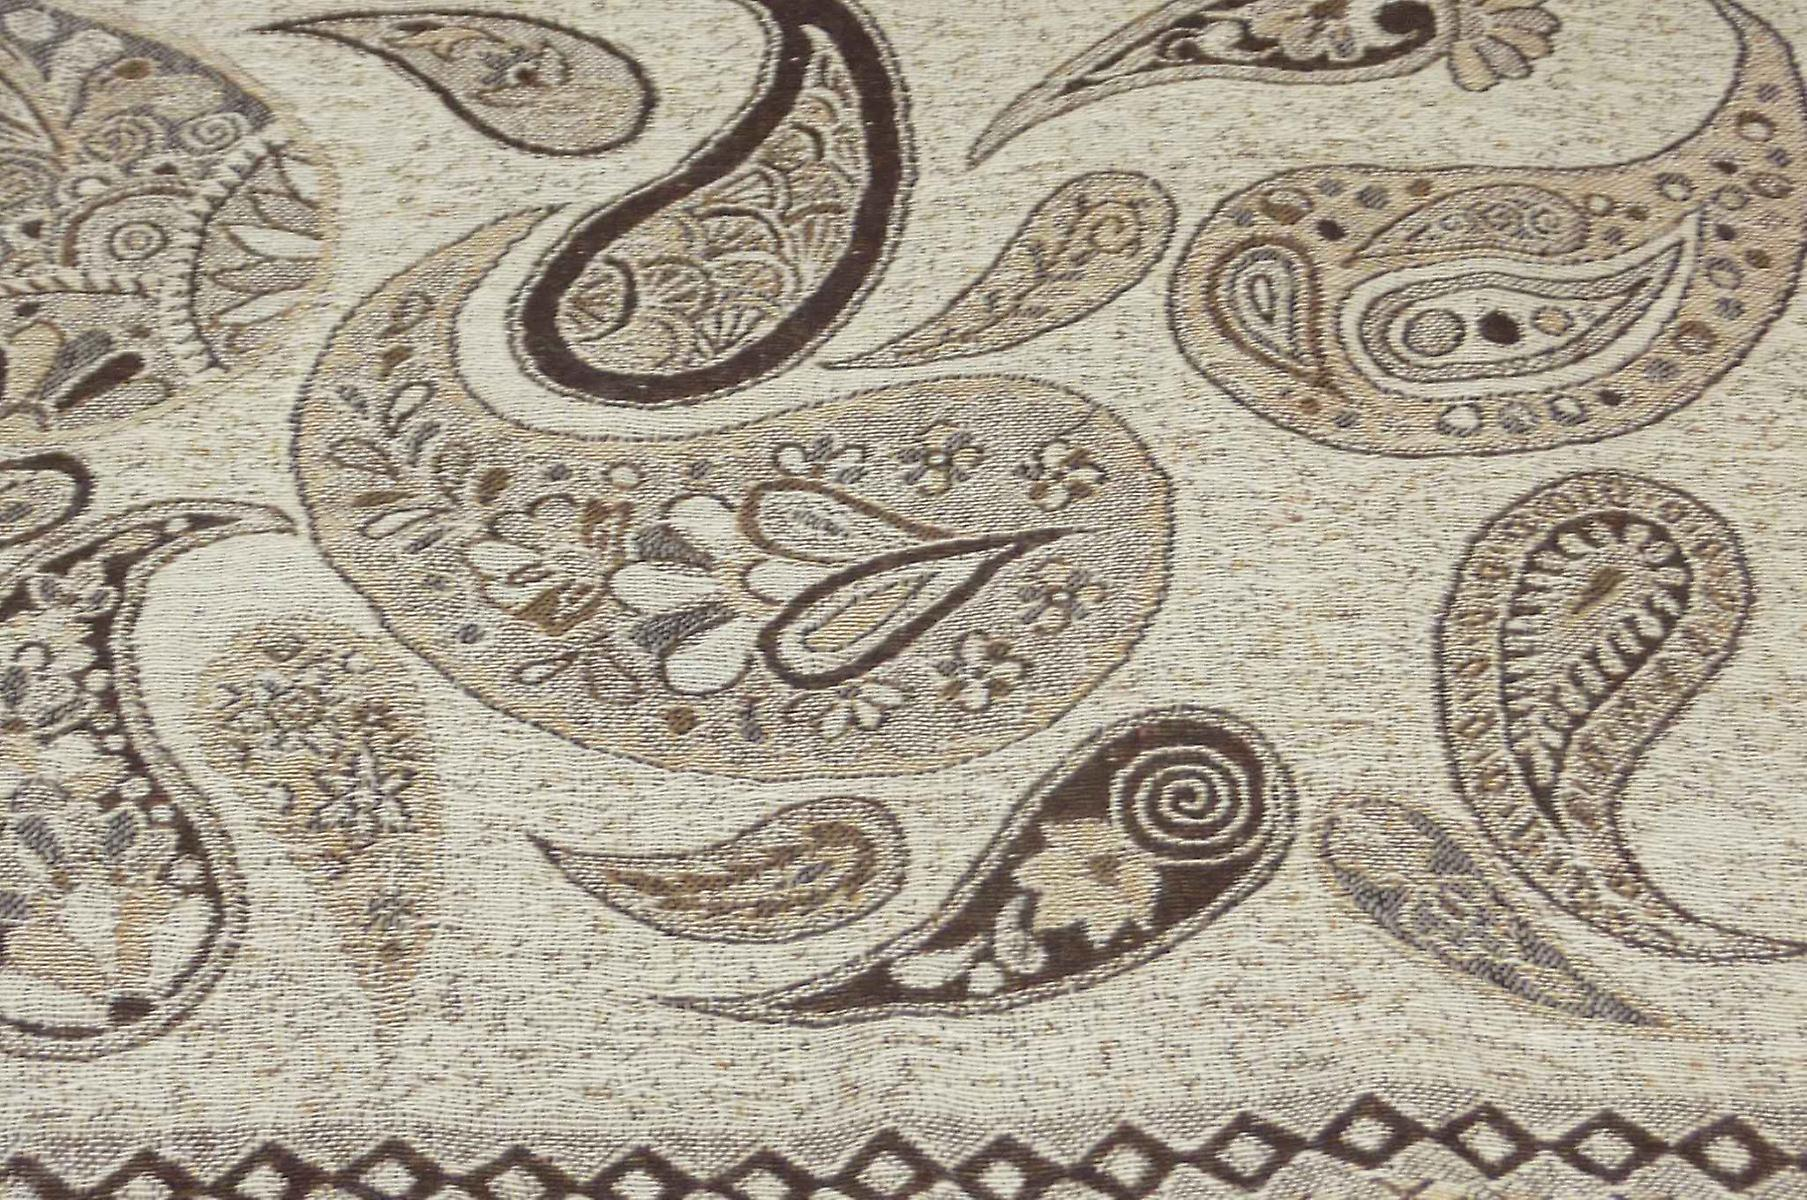 Muffler Scarf 4003 in Fine Pashmina Wool Heritage Range by Pashmina & Silk